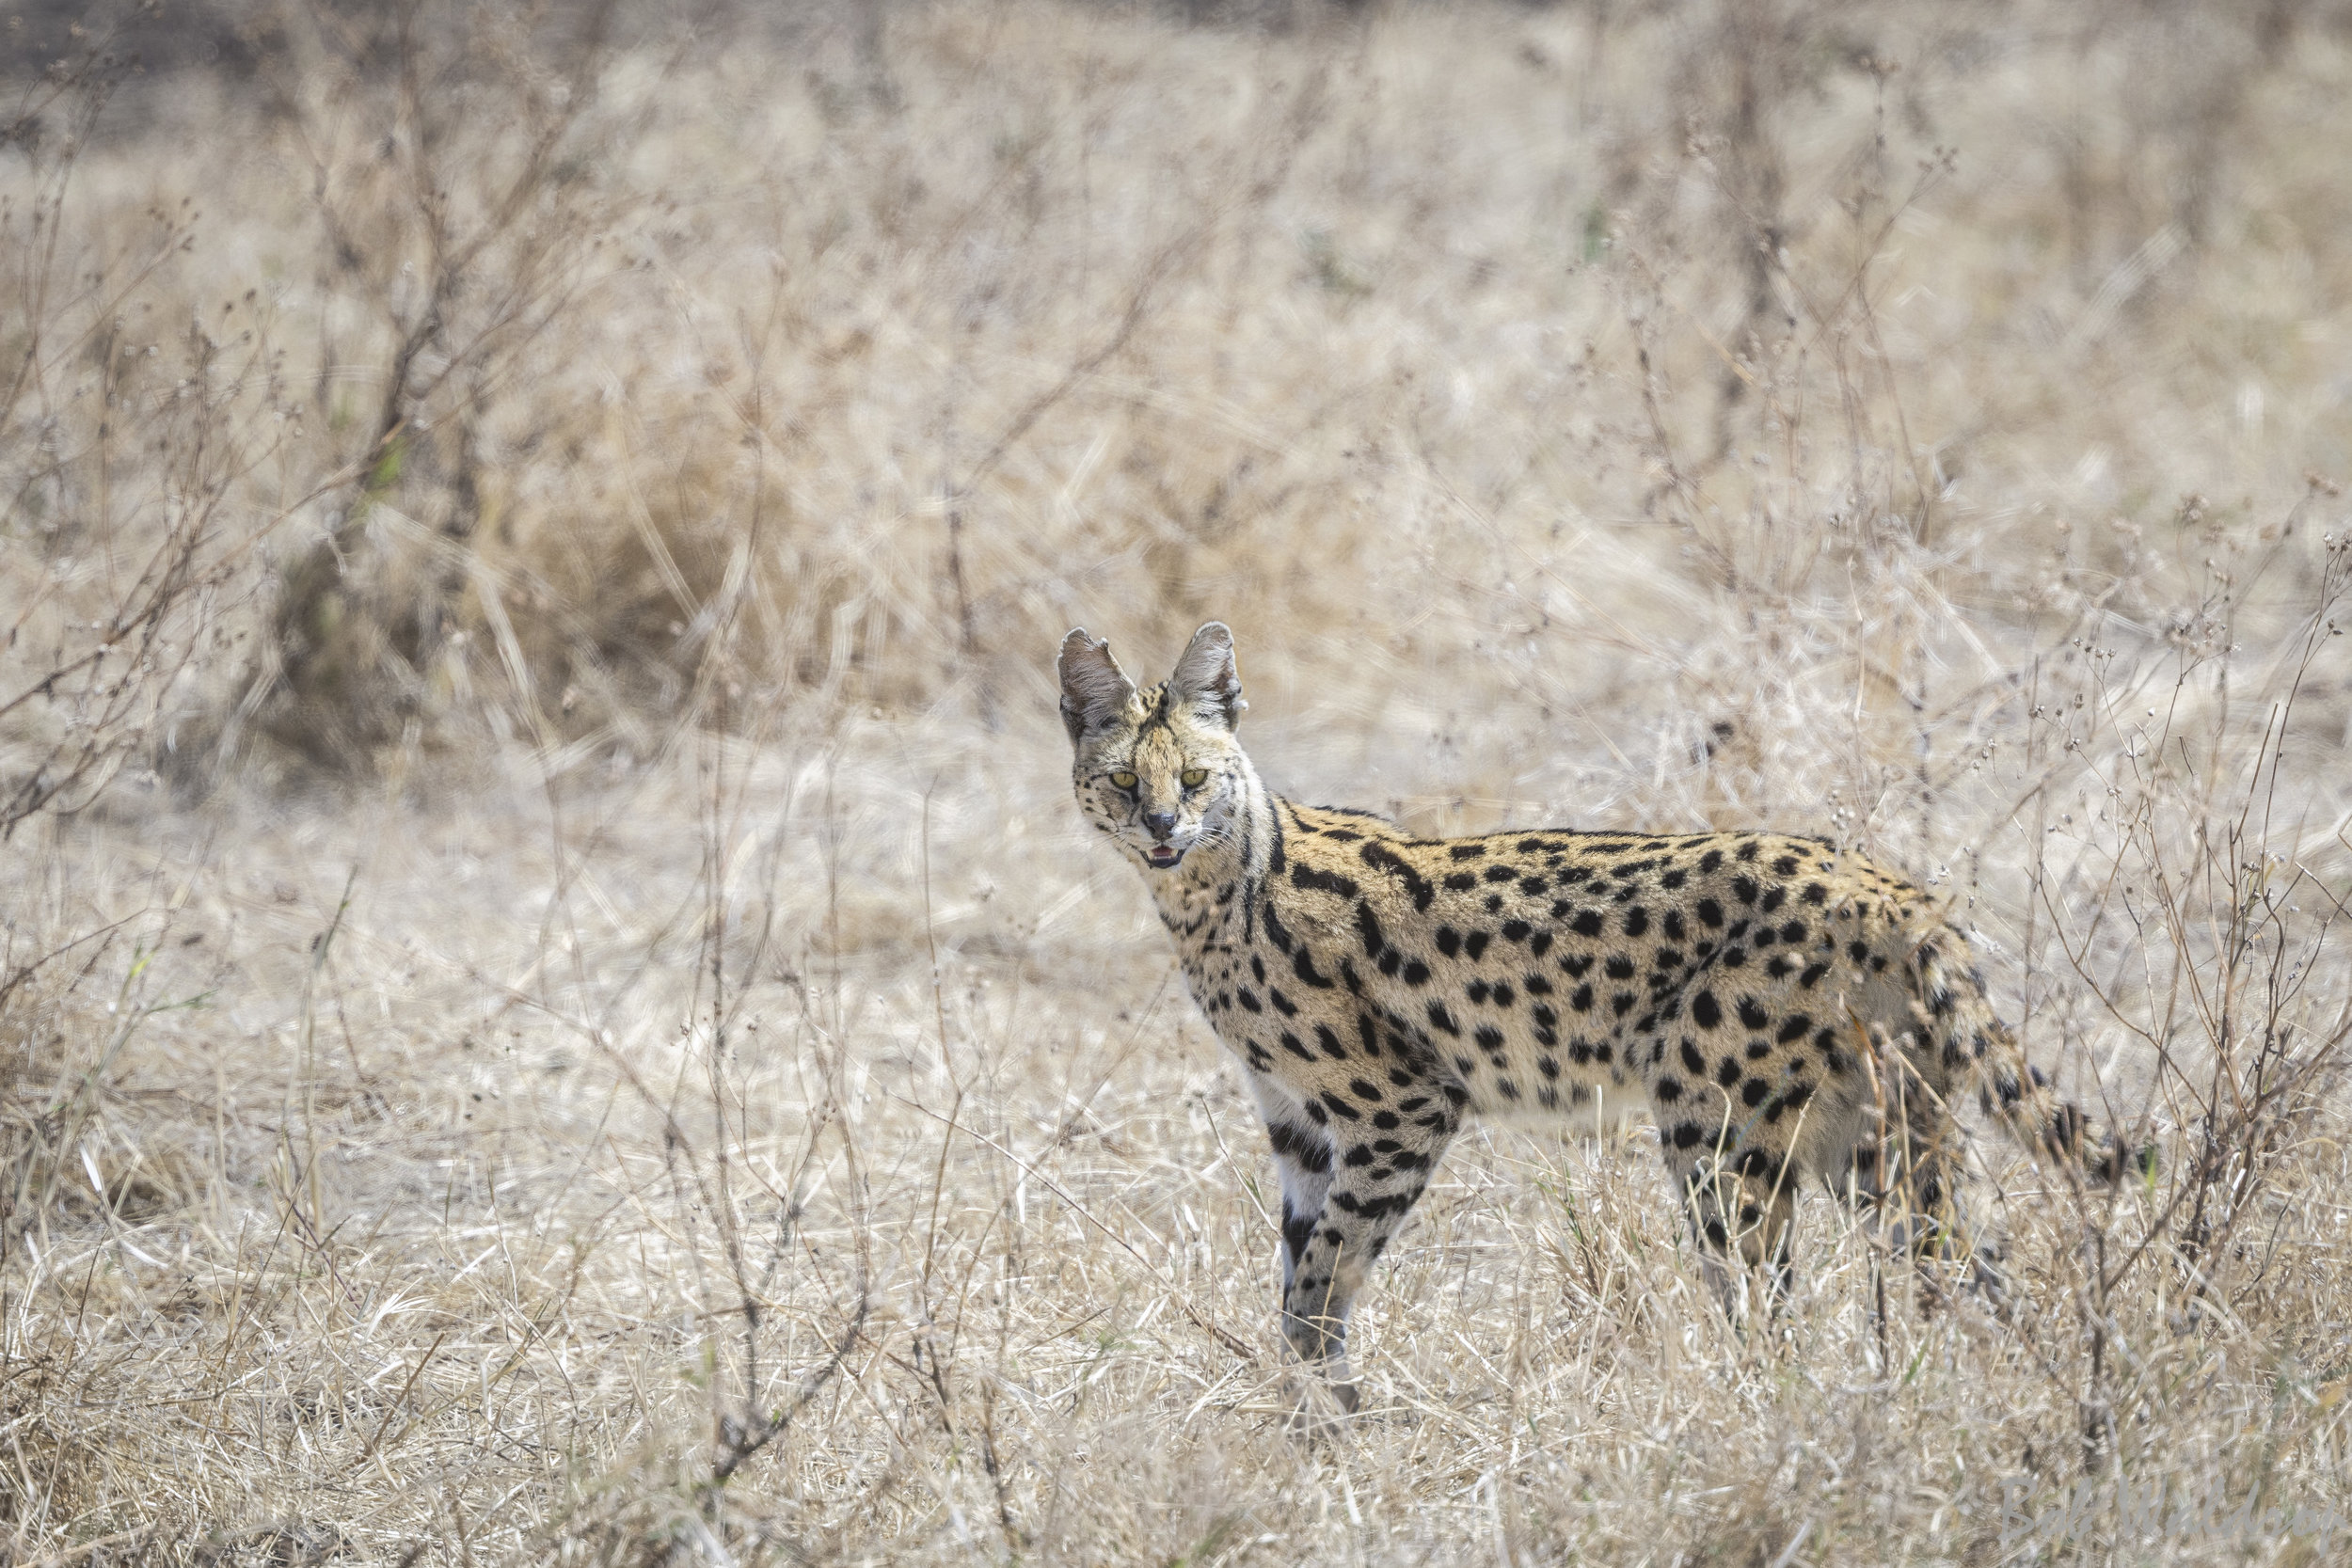 Serengeti-1435-2-2-Edit.JPG